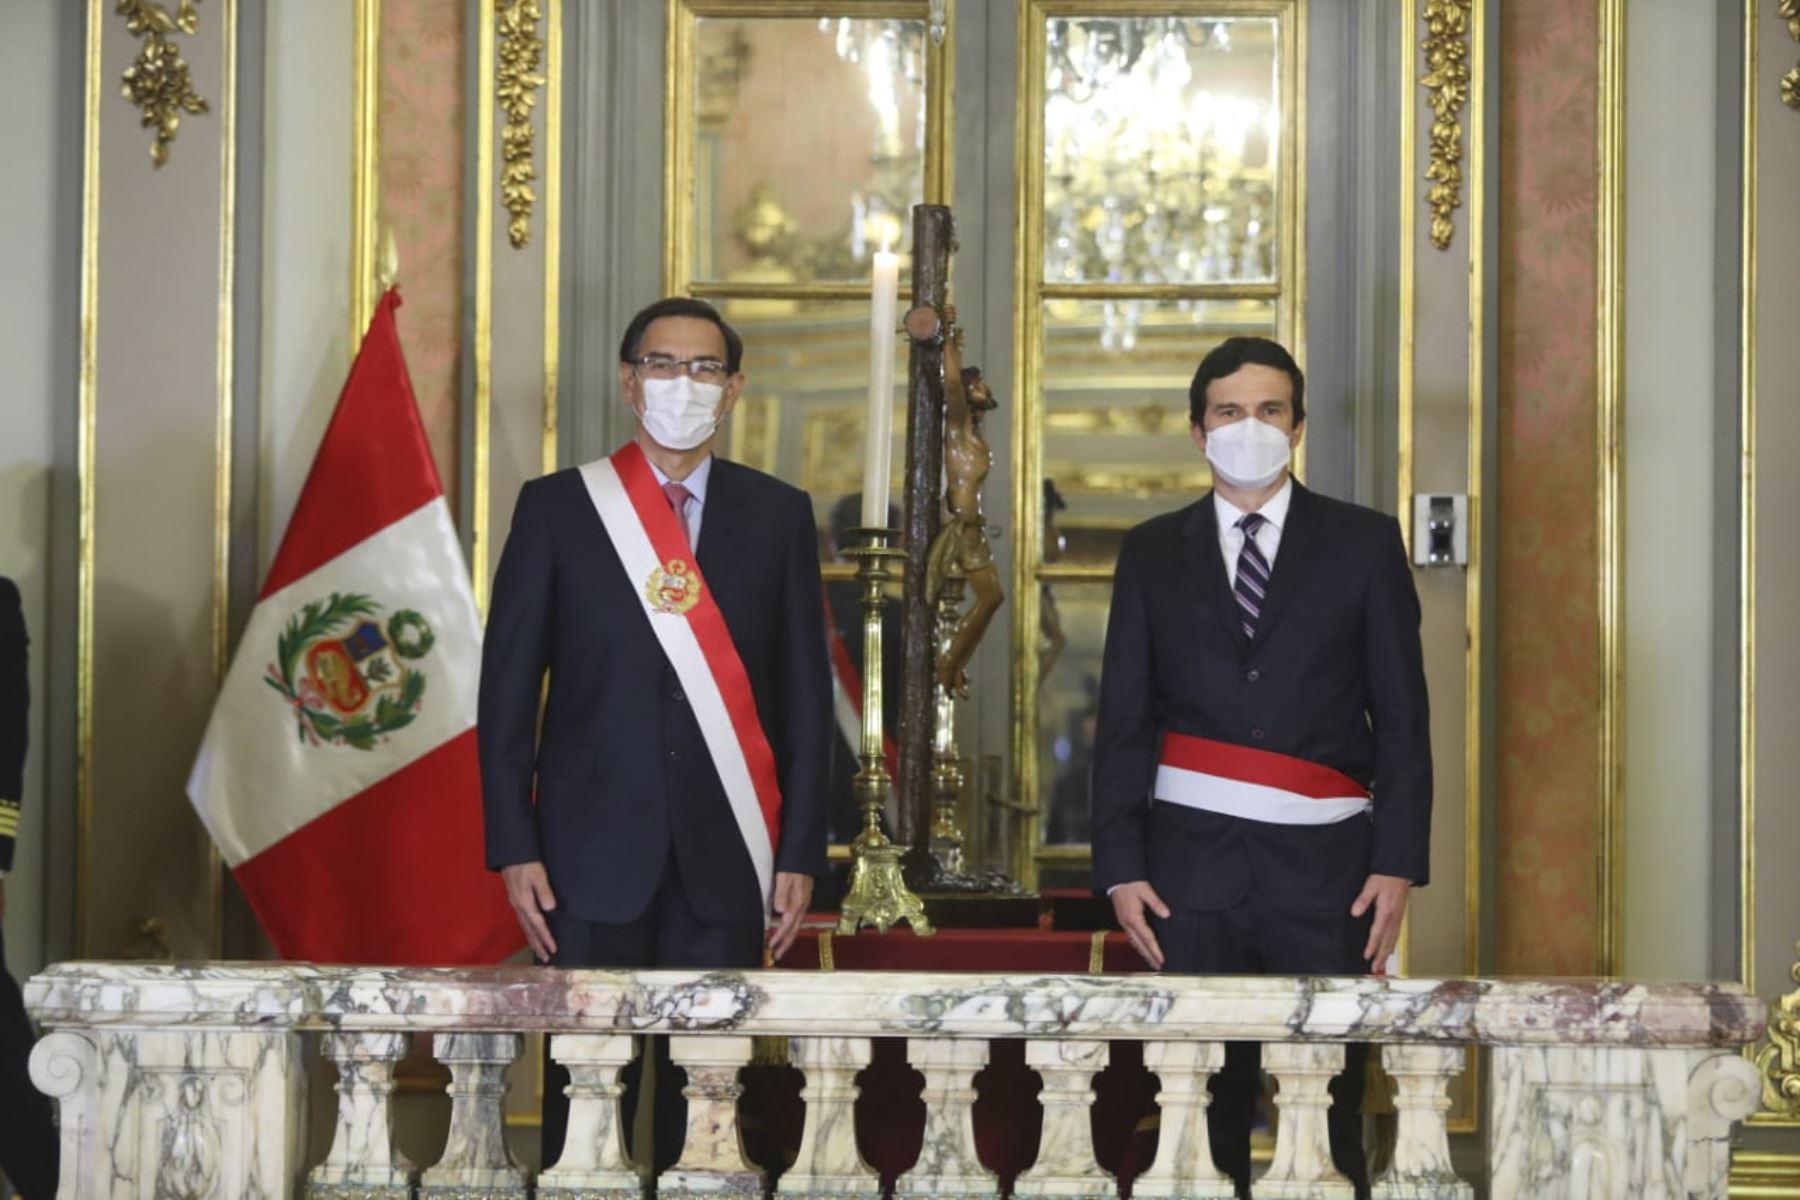 El presidente de la República, Martín Vizcarra, toma juramento a Luis Inchaústegui Zevallos como ministro de energia y minas. Foto: ANDINA/ Prensa Presidencia